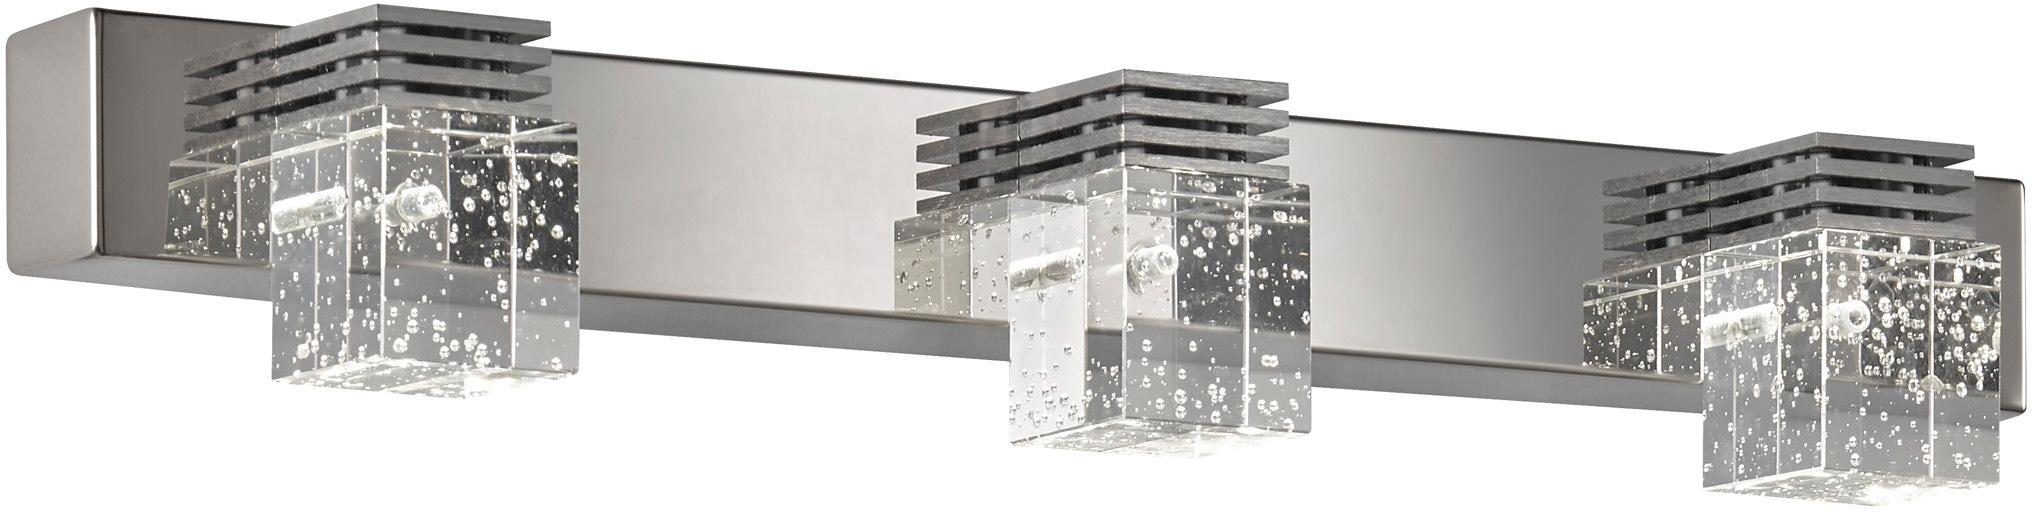 WOFI LED Wandleuchte Dirk, LED-Board, Warmweiß